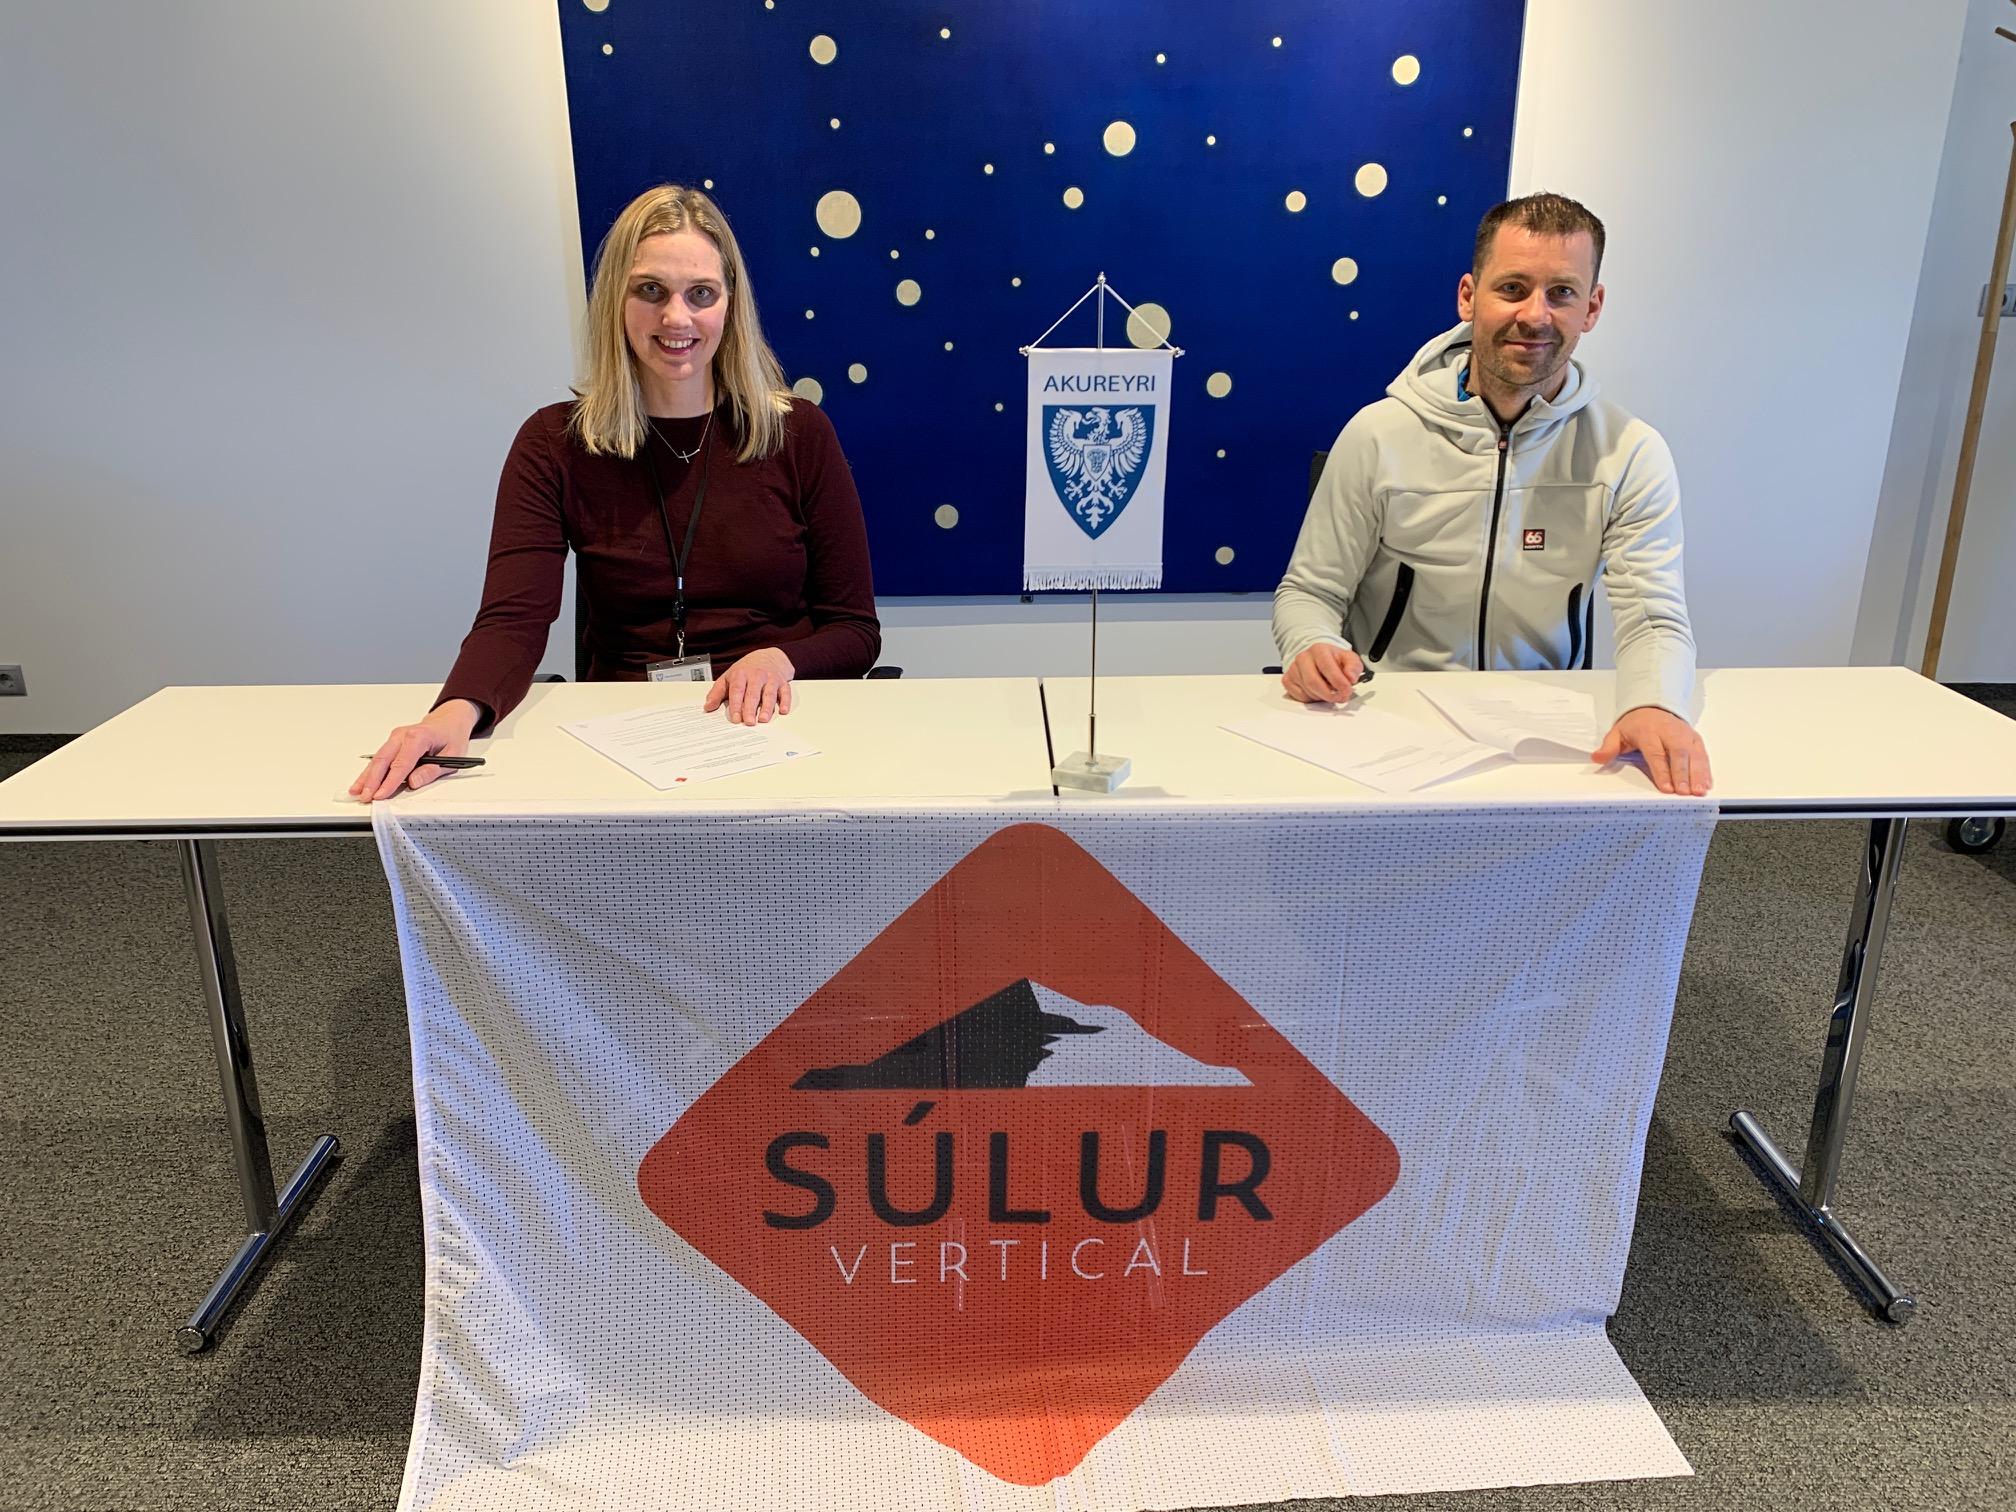 Samningur Akureyrarbæjar við Súlur Vertical undirritaður